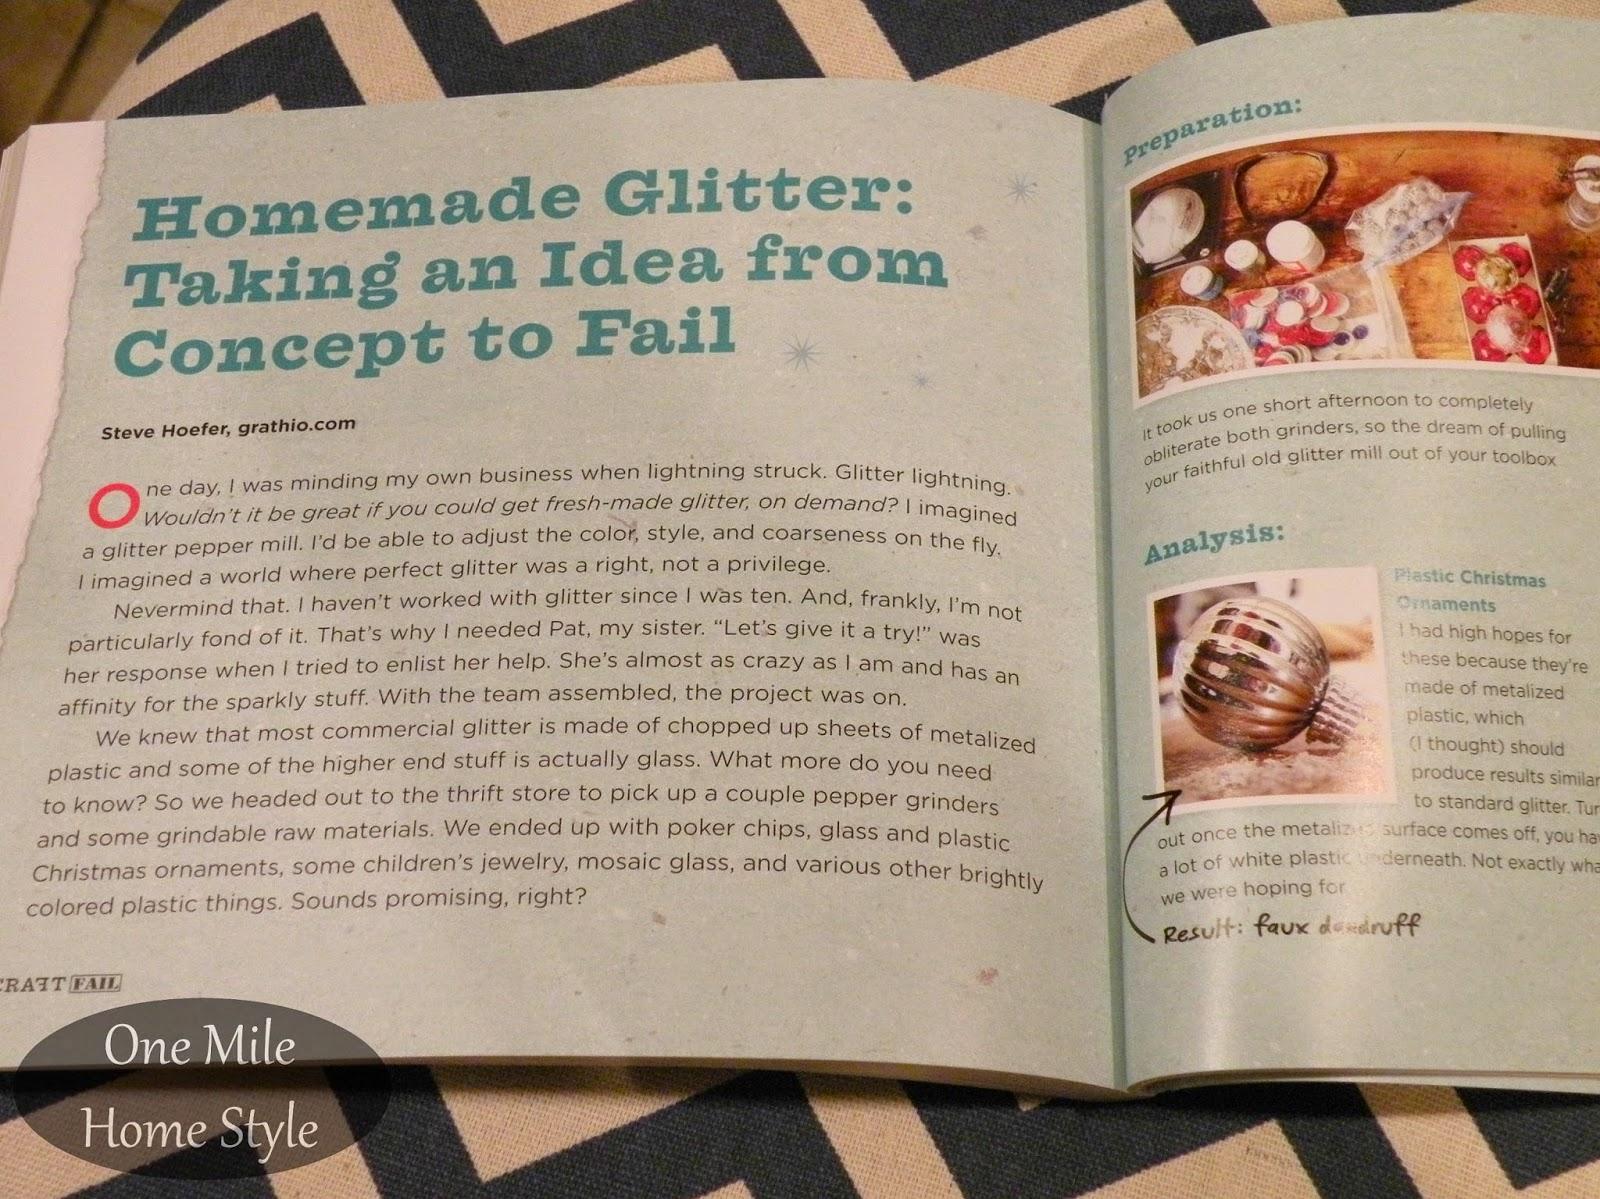 CraftFail - Book Review: Homemade Glitter